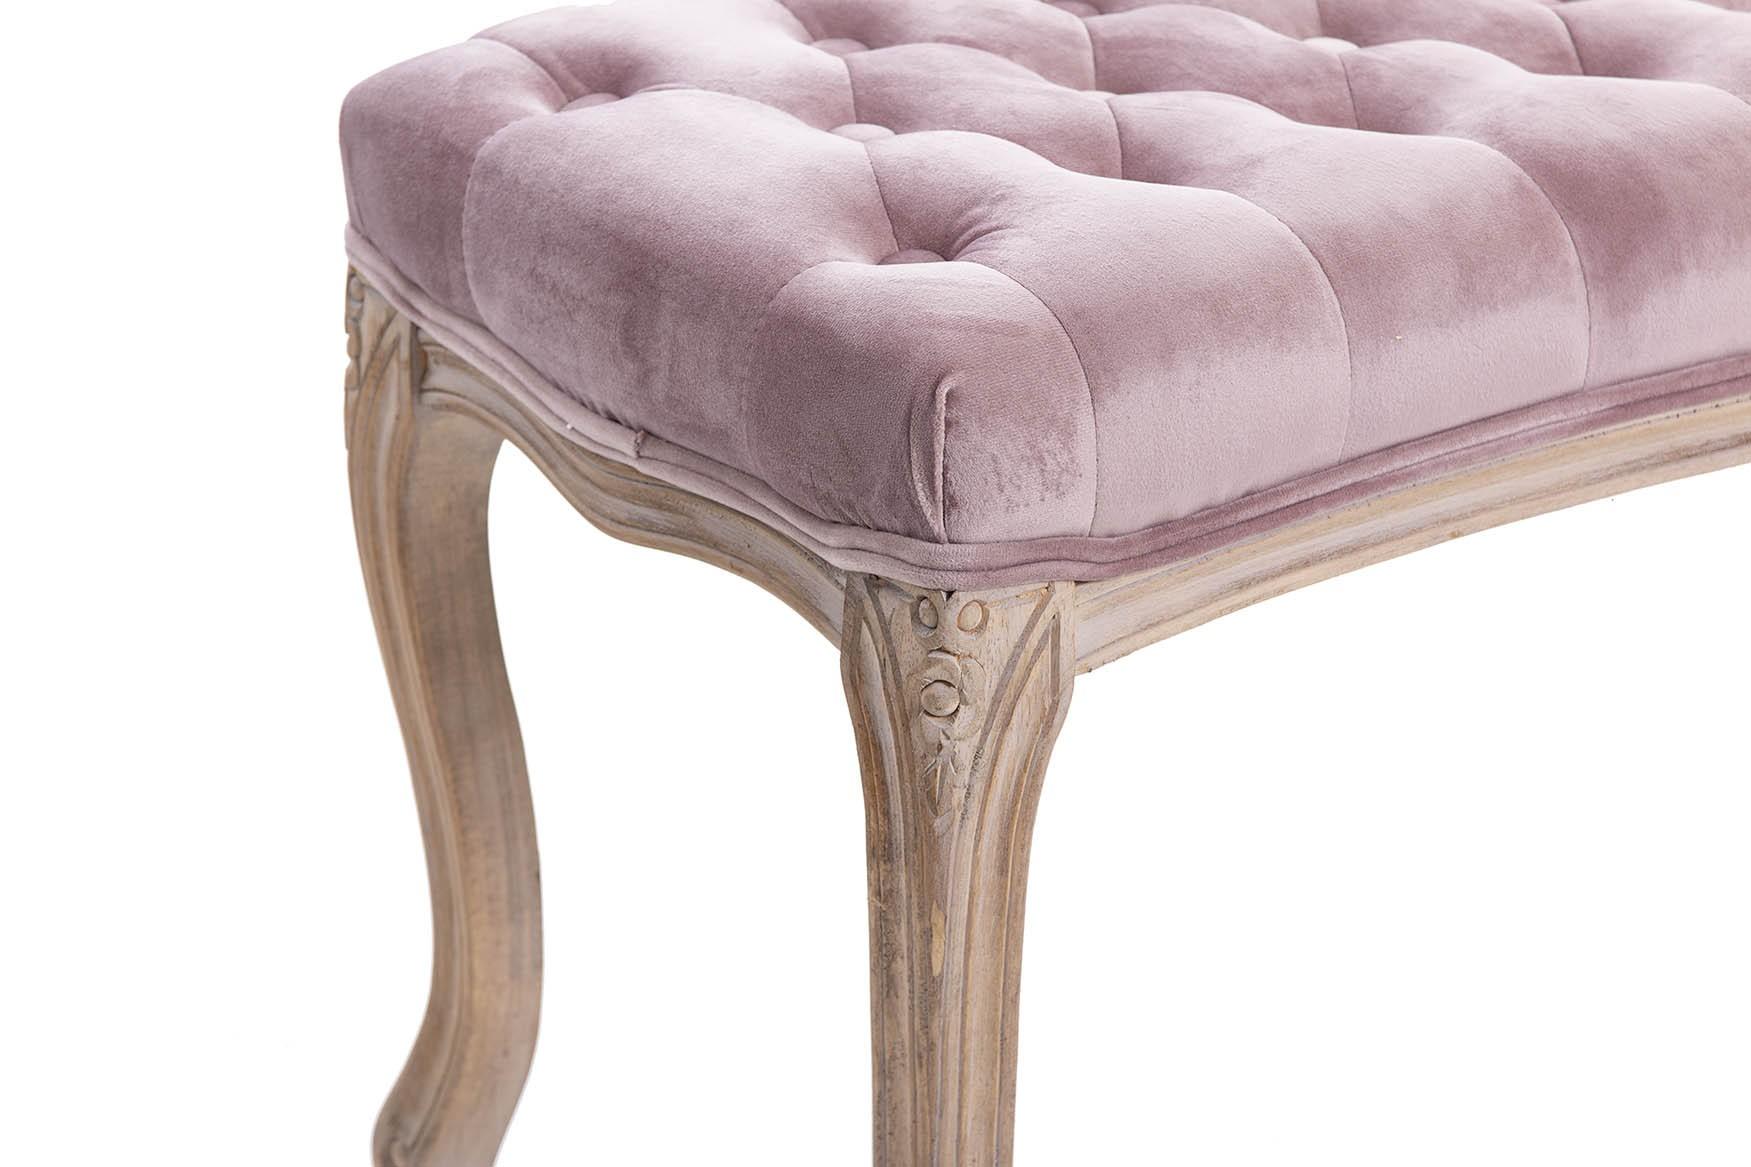 31705-pie-de-cama-imperial-velvet-rosa-1.jpg